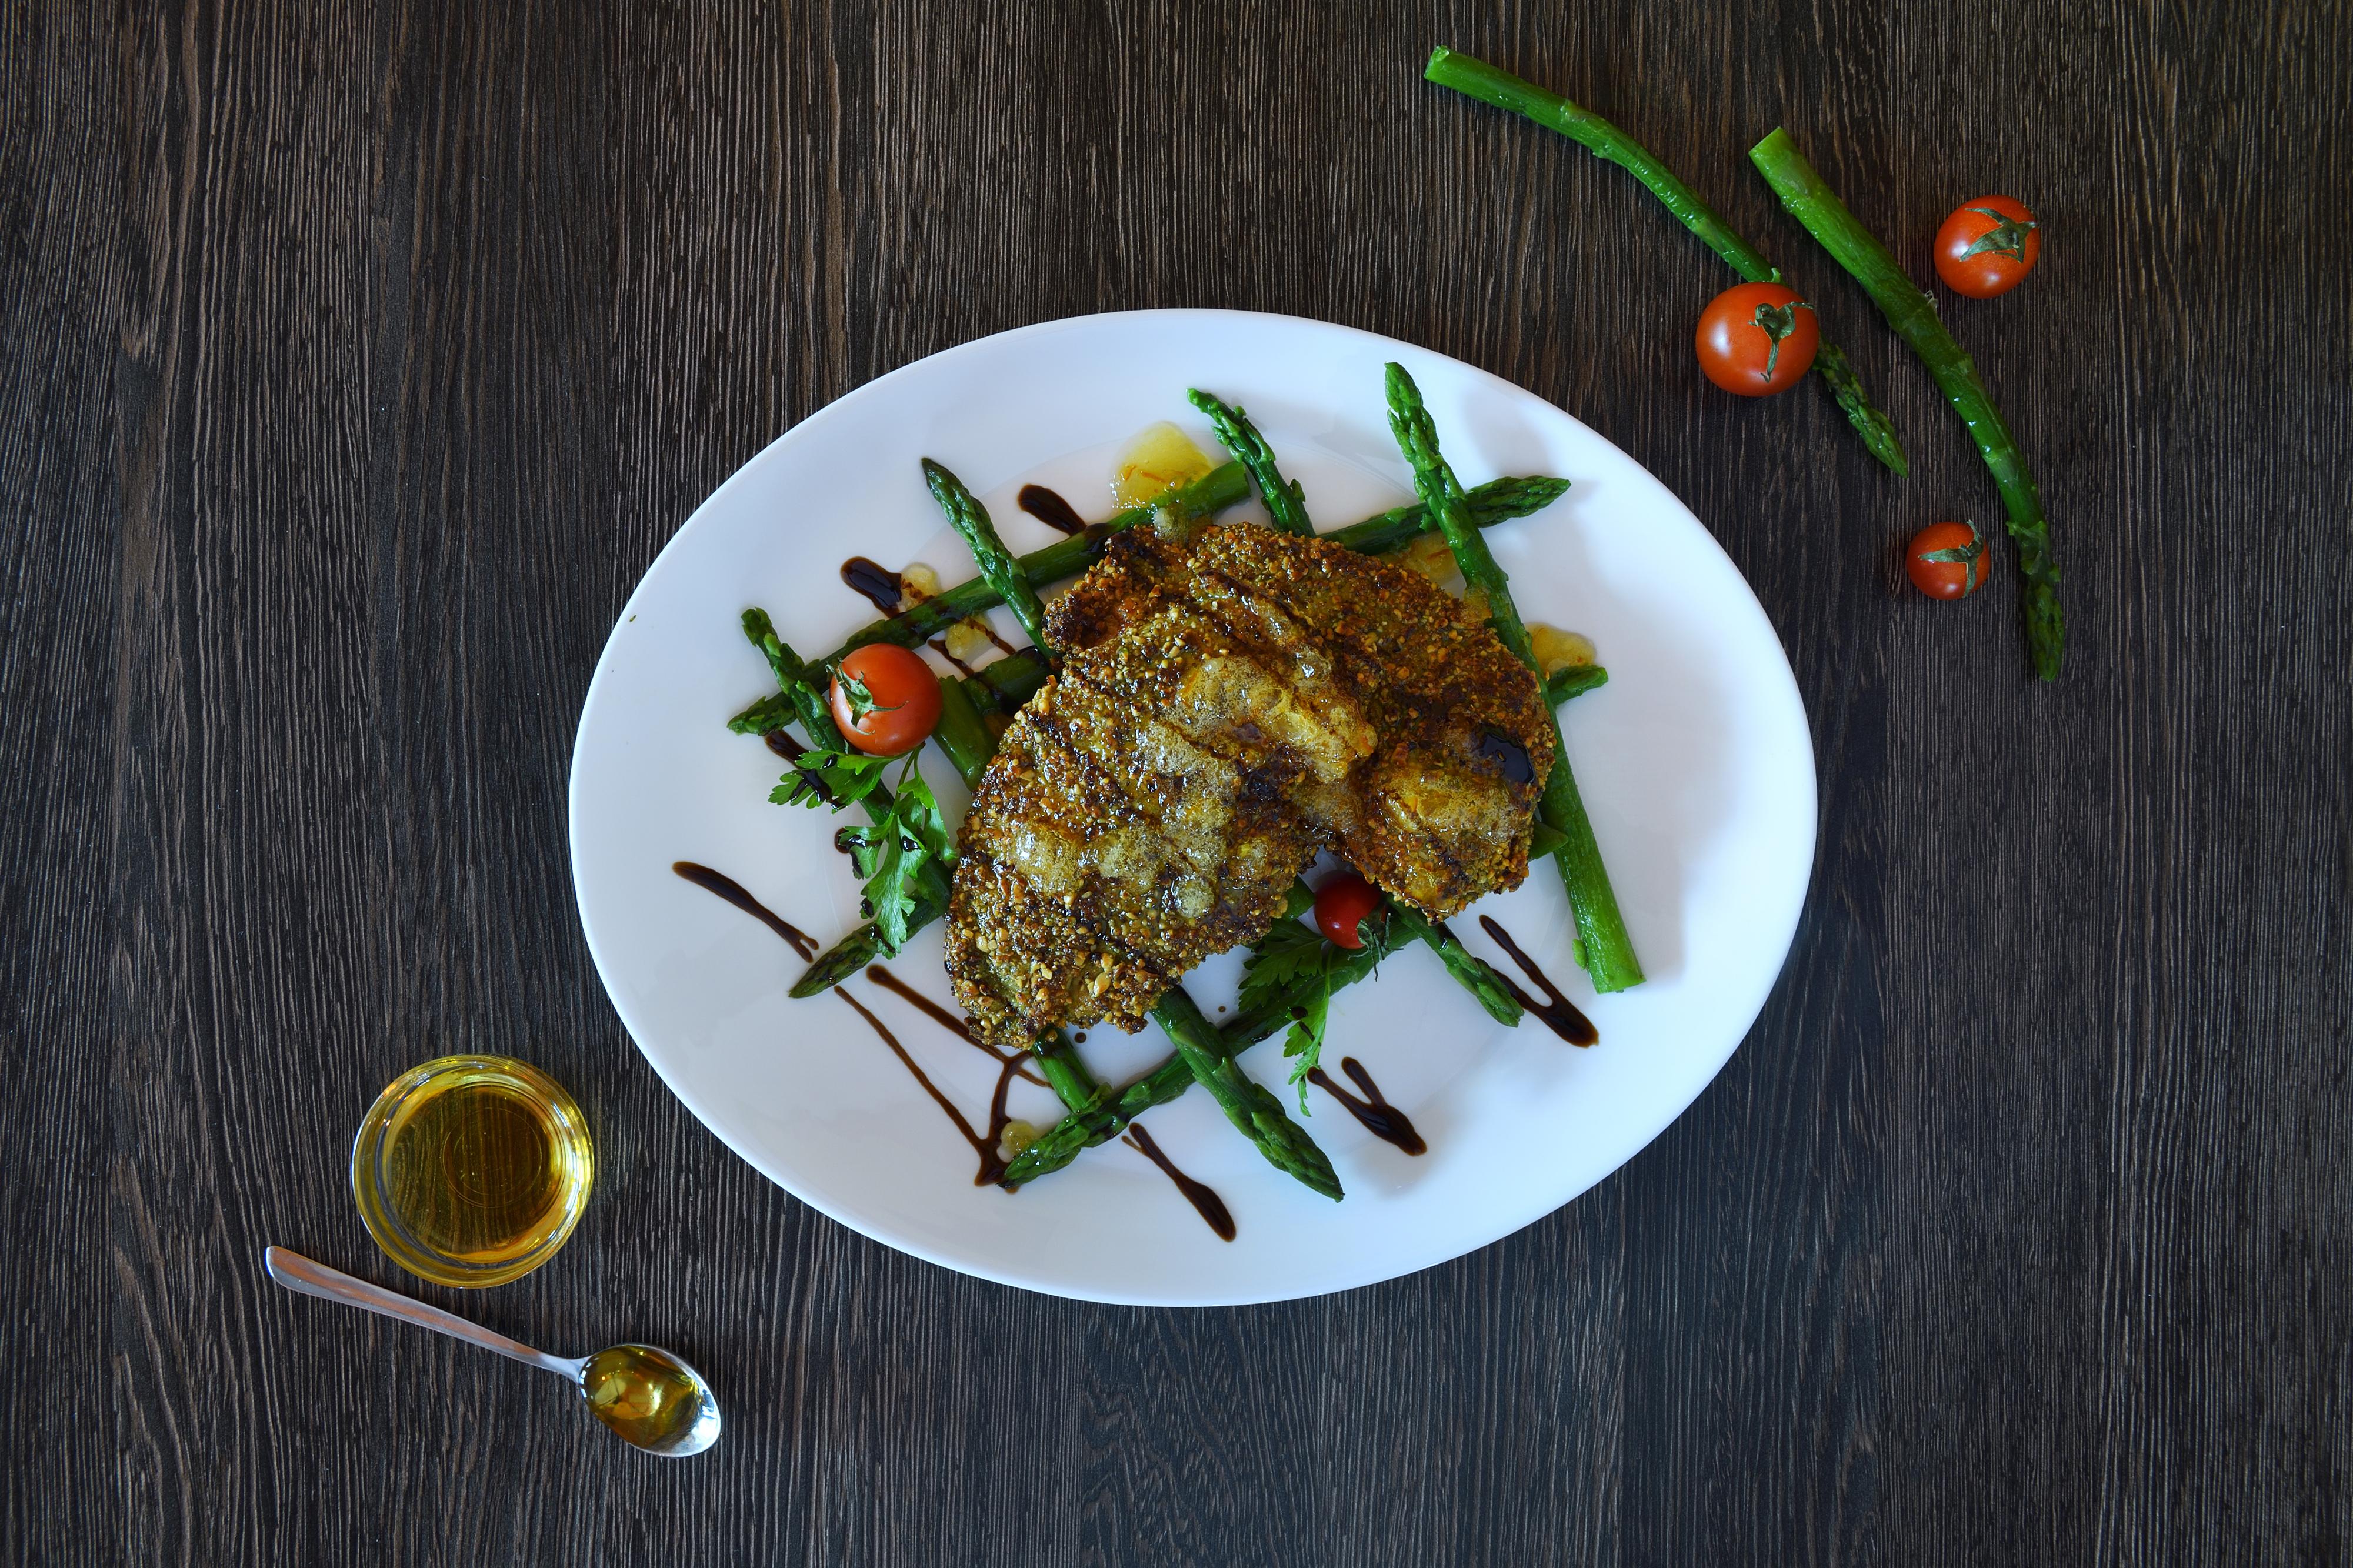 Poulet croustillant aux tomates et aux asperges une idée de recette super facile pour un dîner d'été